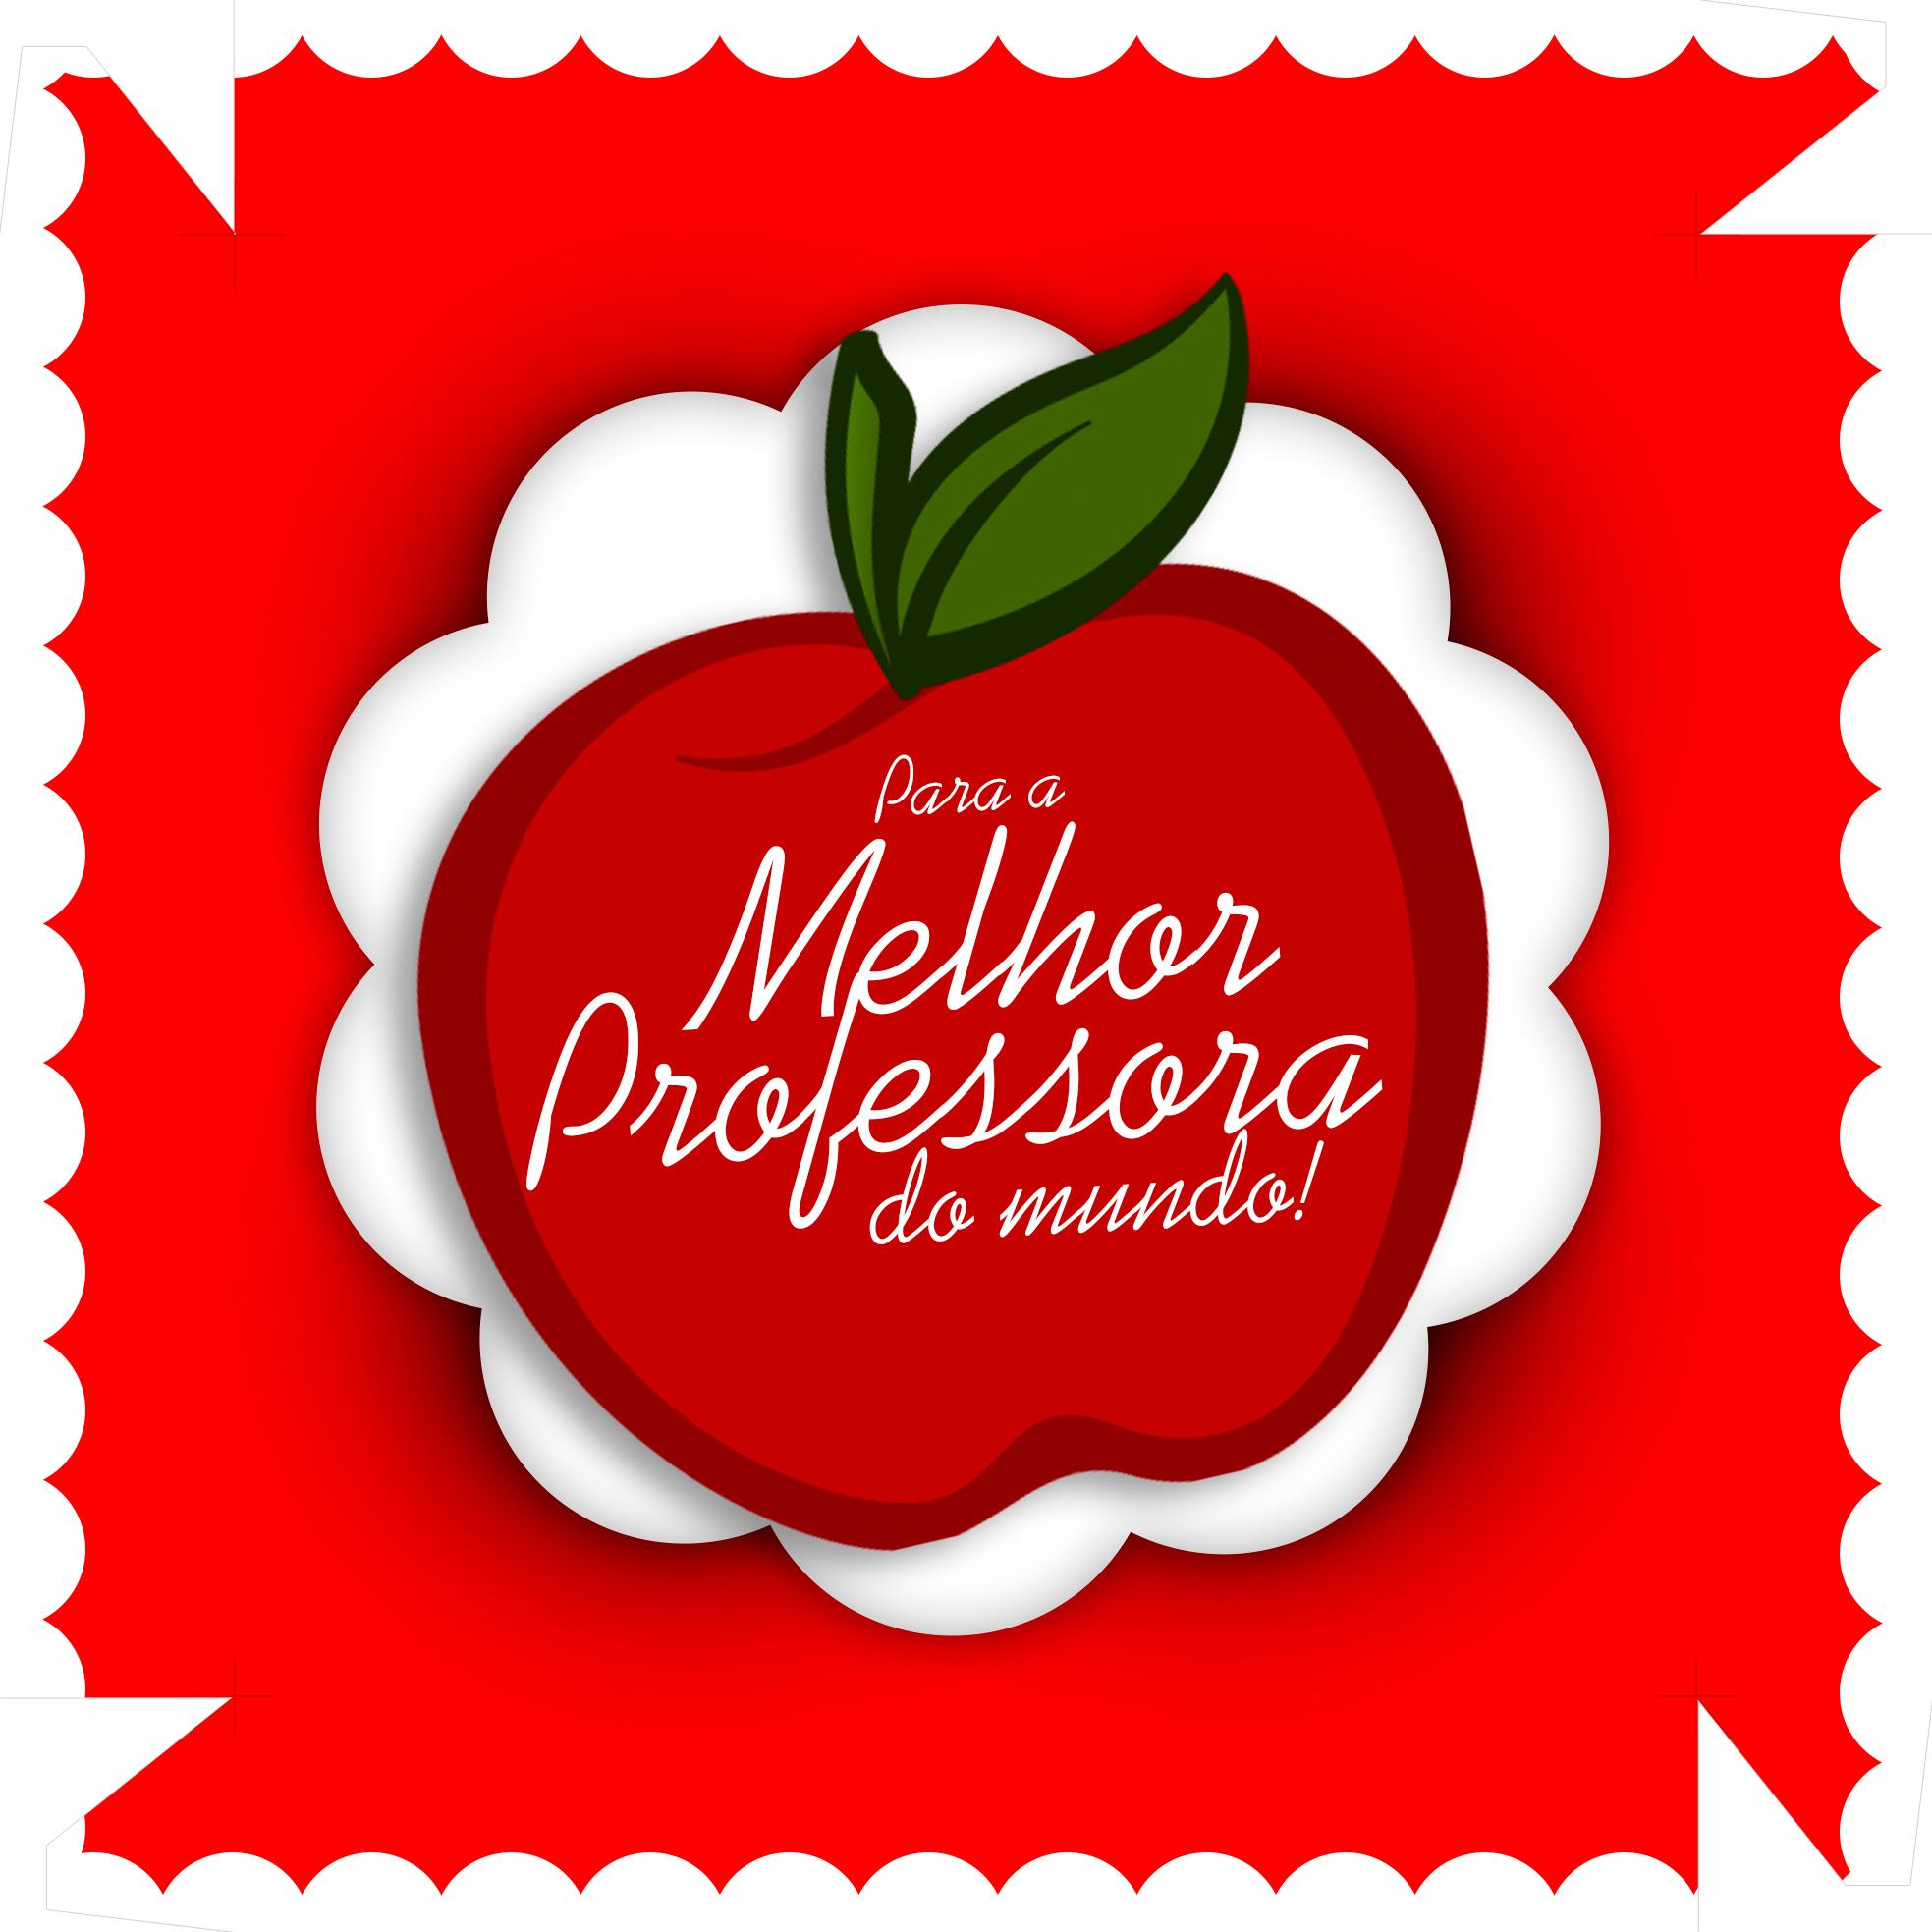 Caixa de Bombom Dia dos Professores Maça